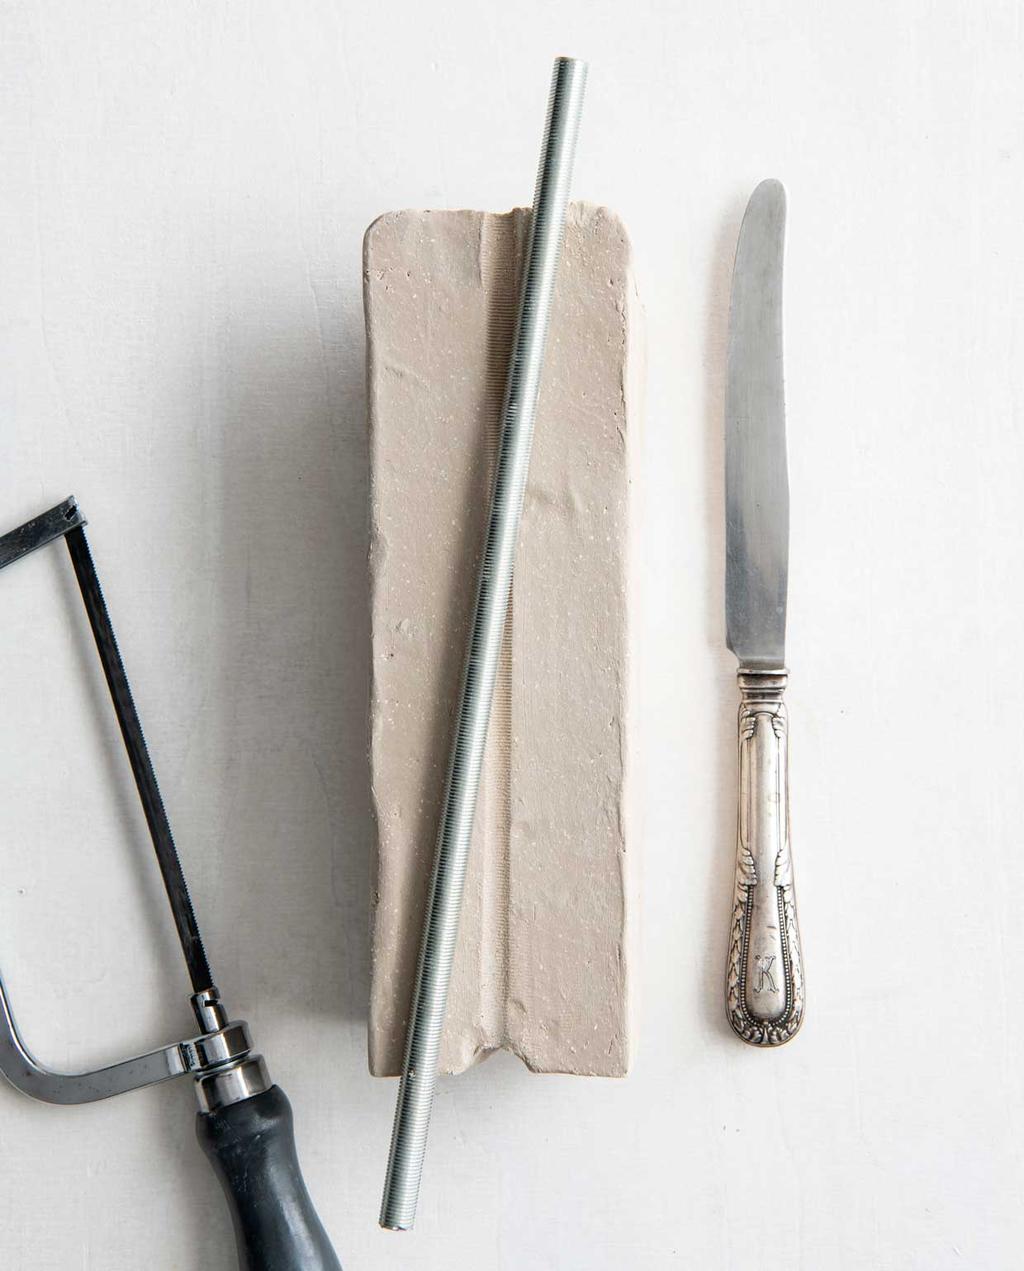 vtwonen 08 - DIY M stuk klei voor lampenvoet